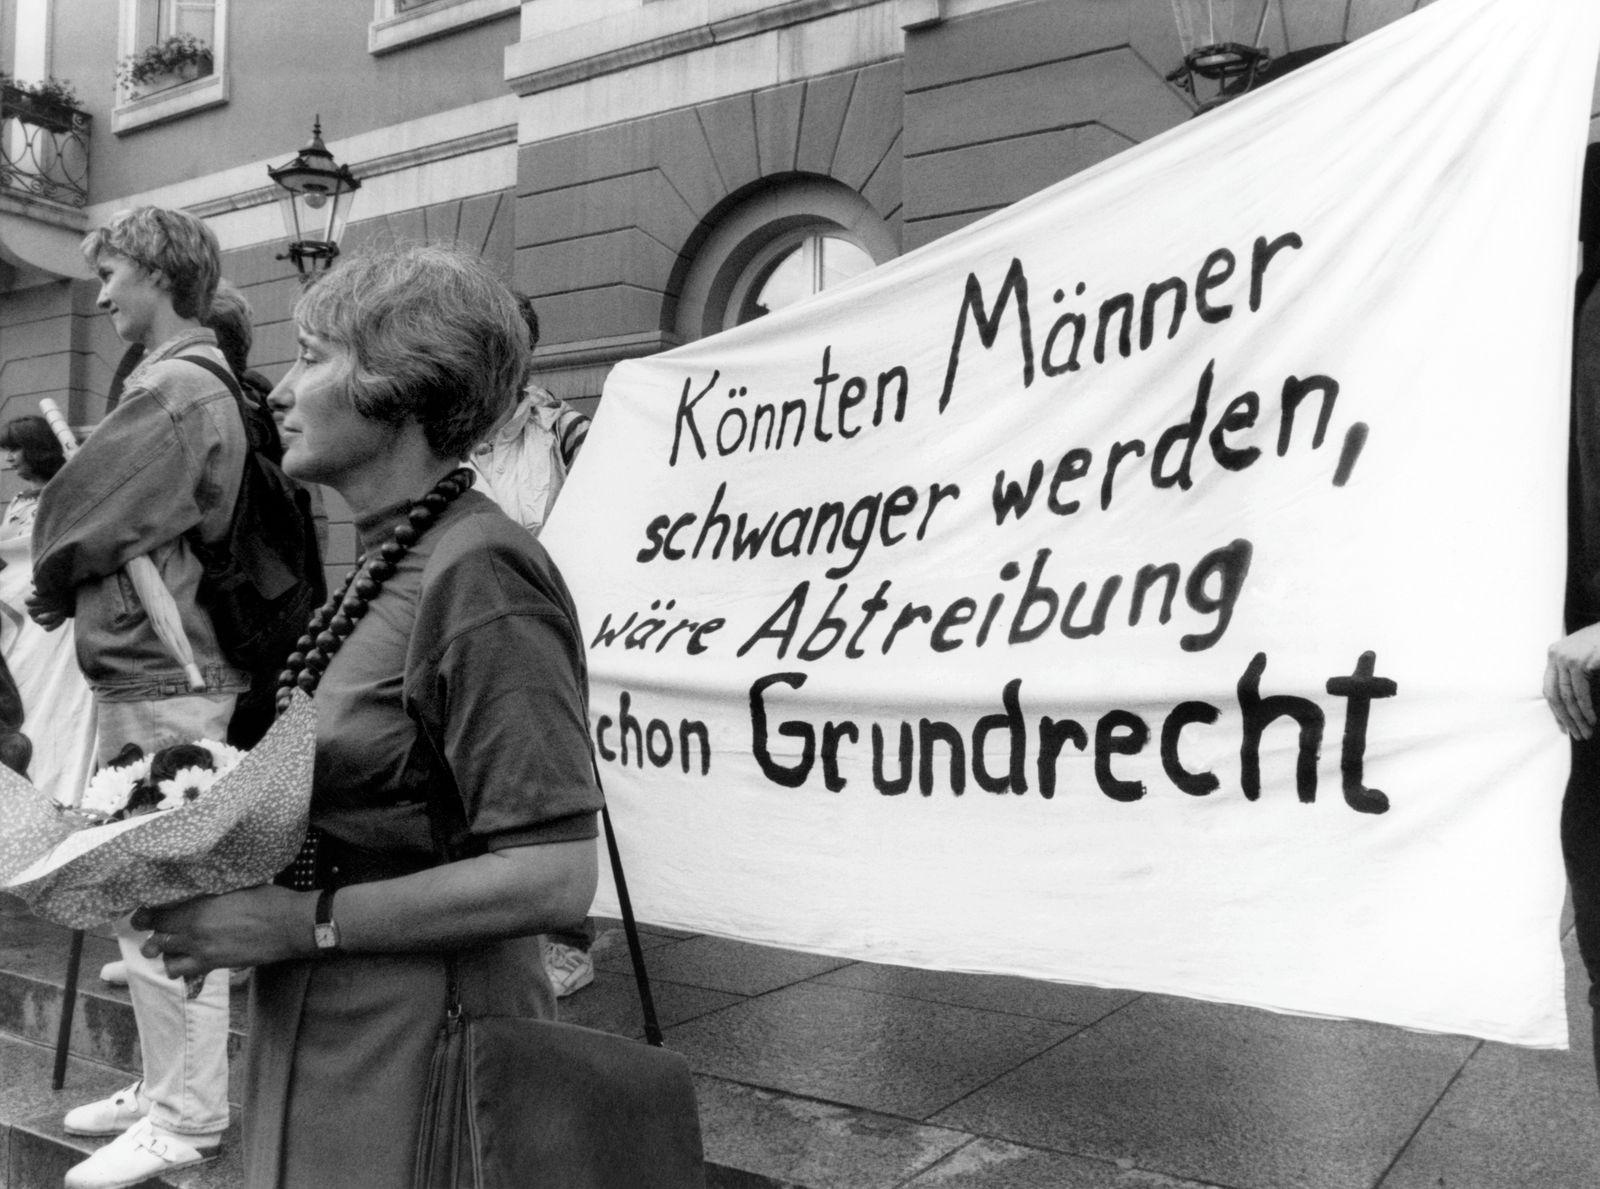 Urteil zum § 218 - Karlsruhe kippt Fristenregelung